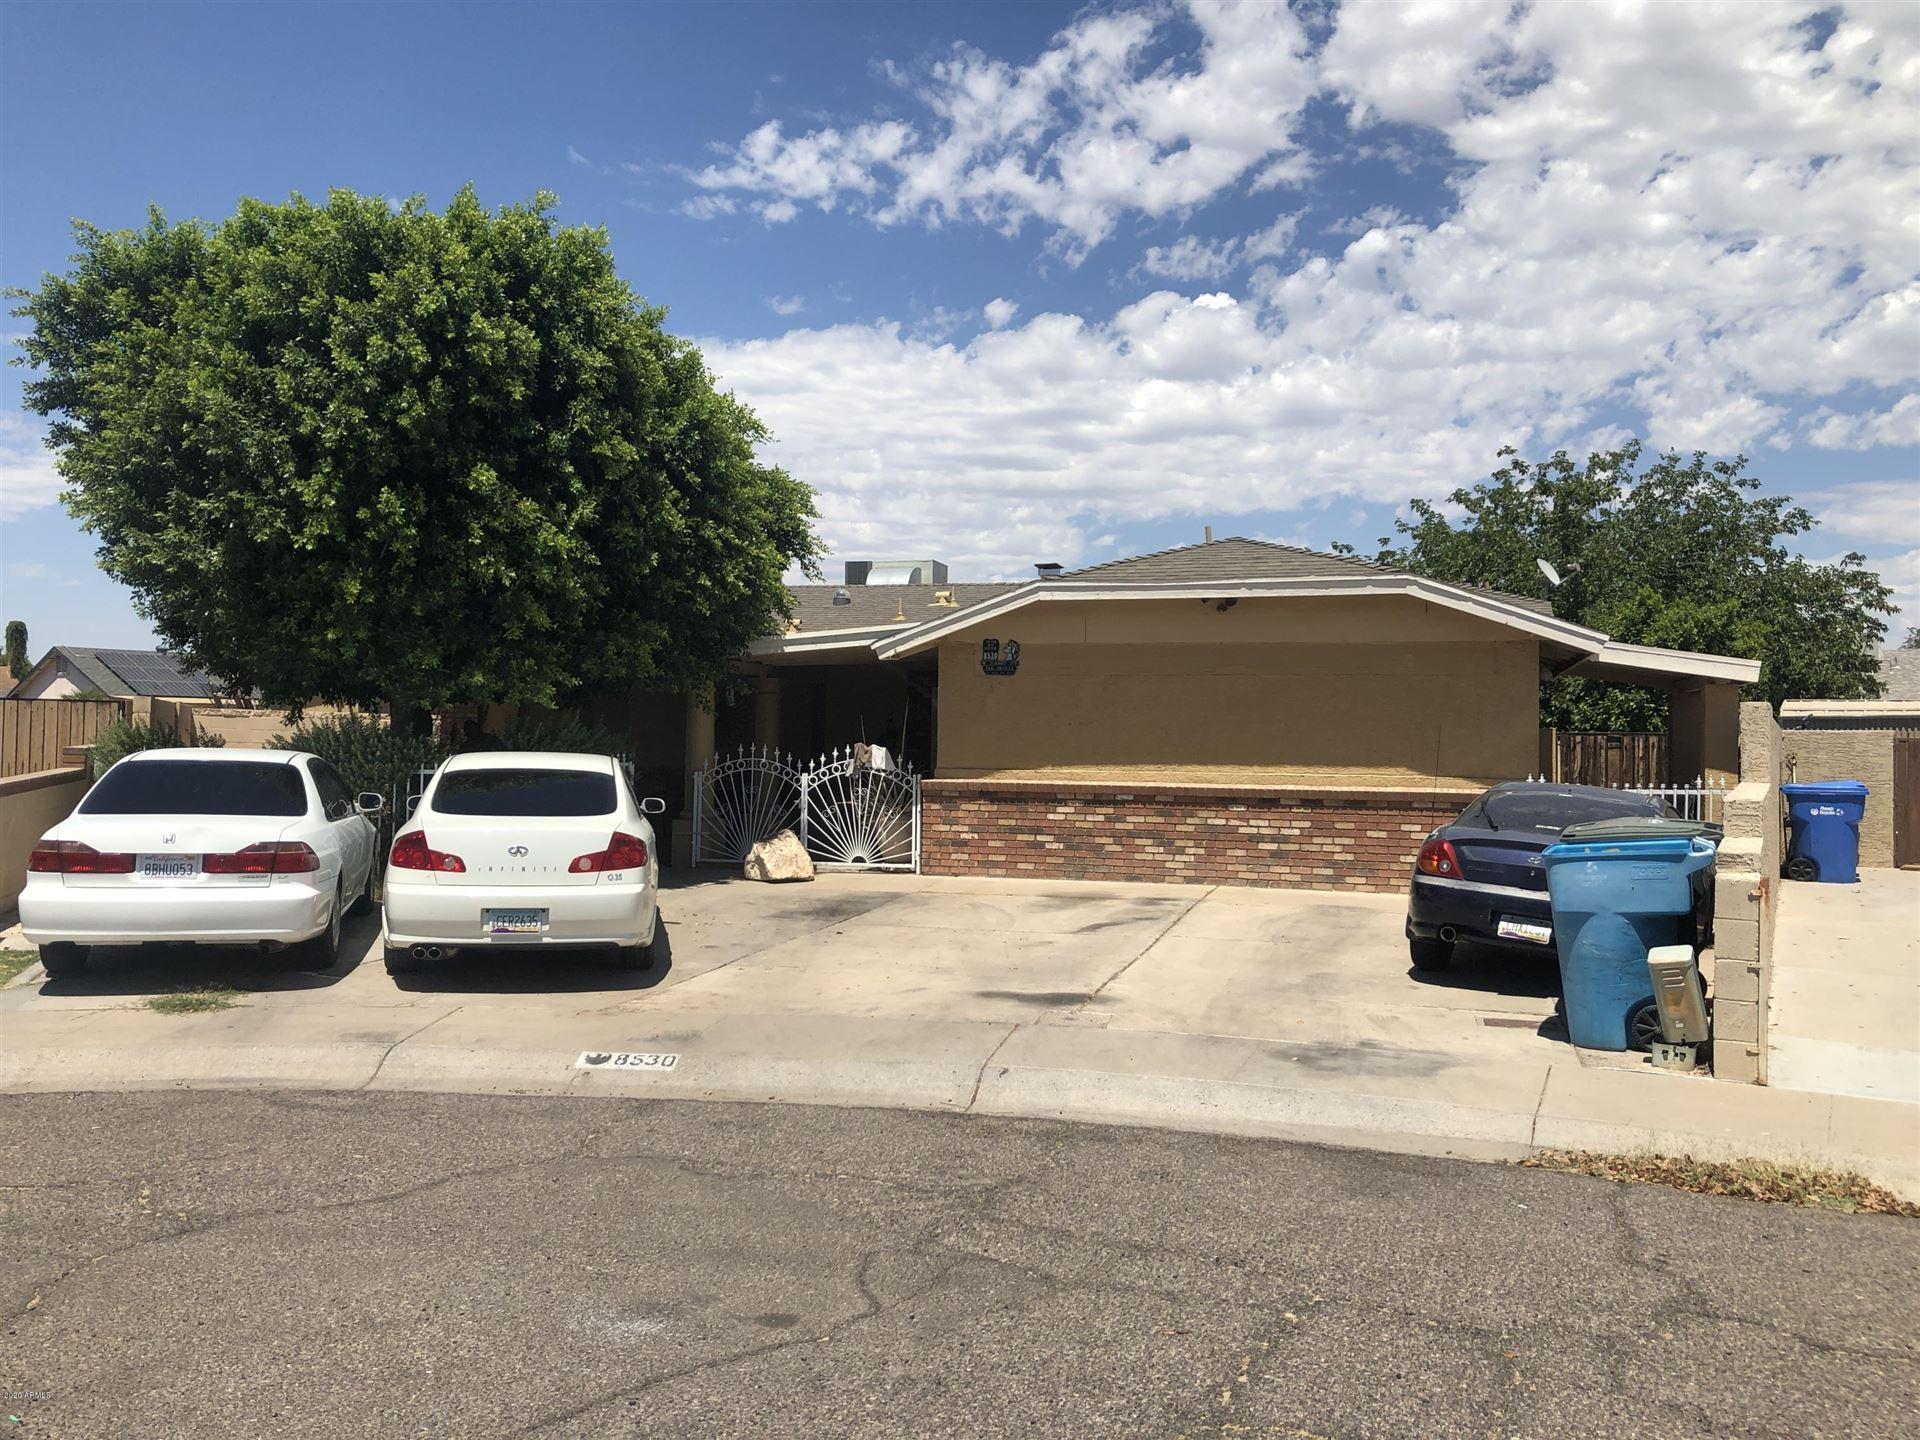 8530 W TURNEY Avenue, Phoenix, AZ 85037 - #: 6079903